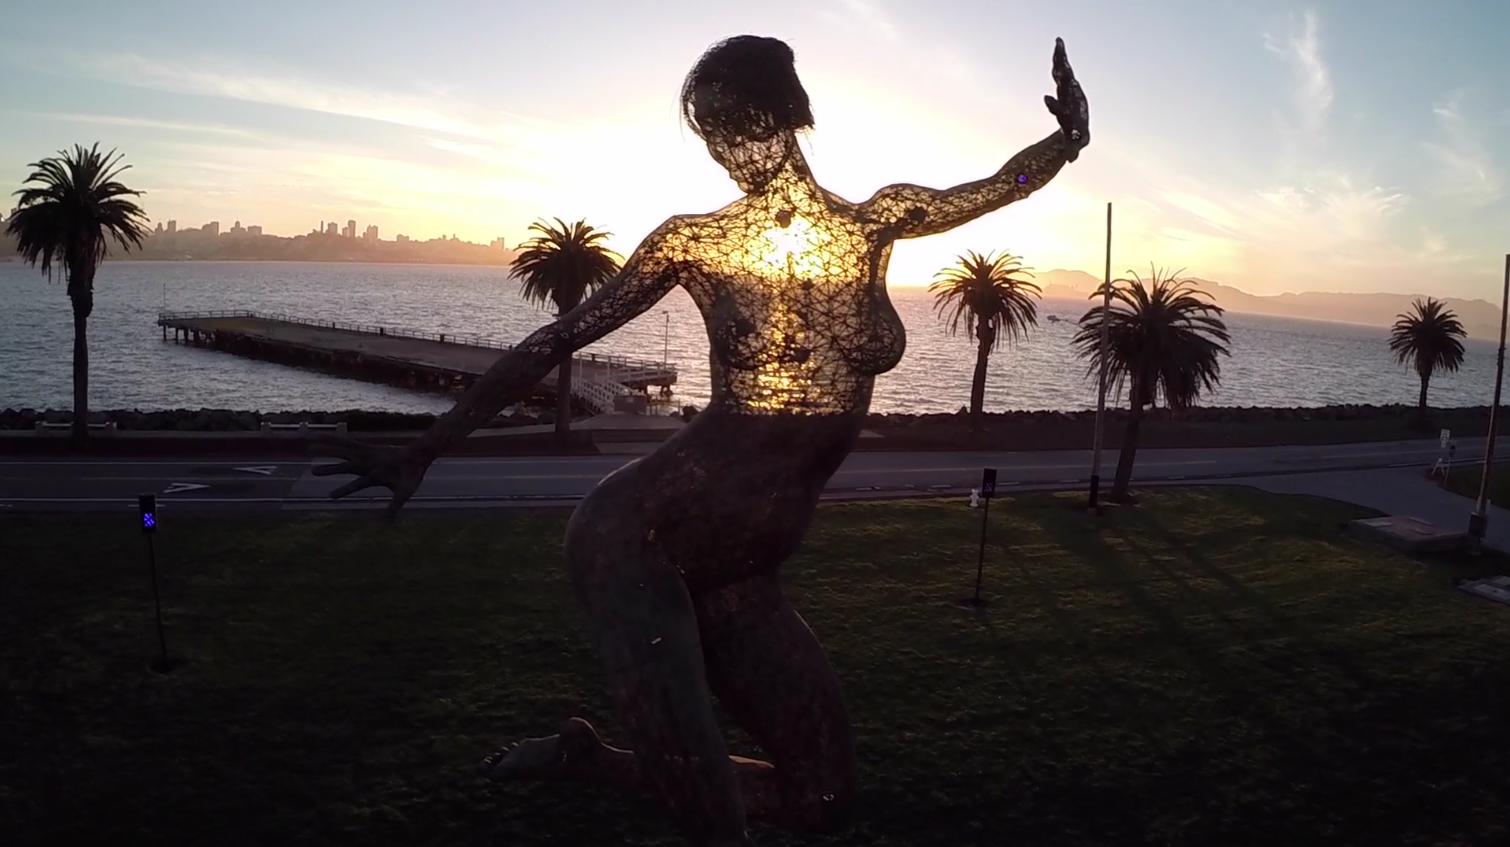 Sunset at San Francisco's Treasure Island